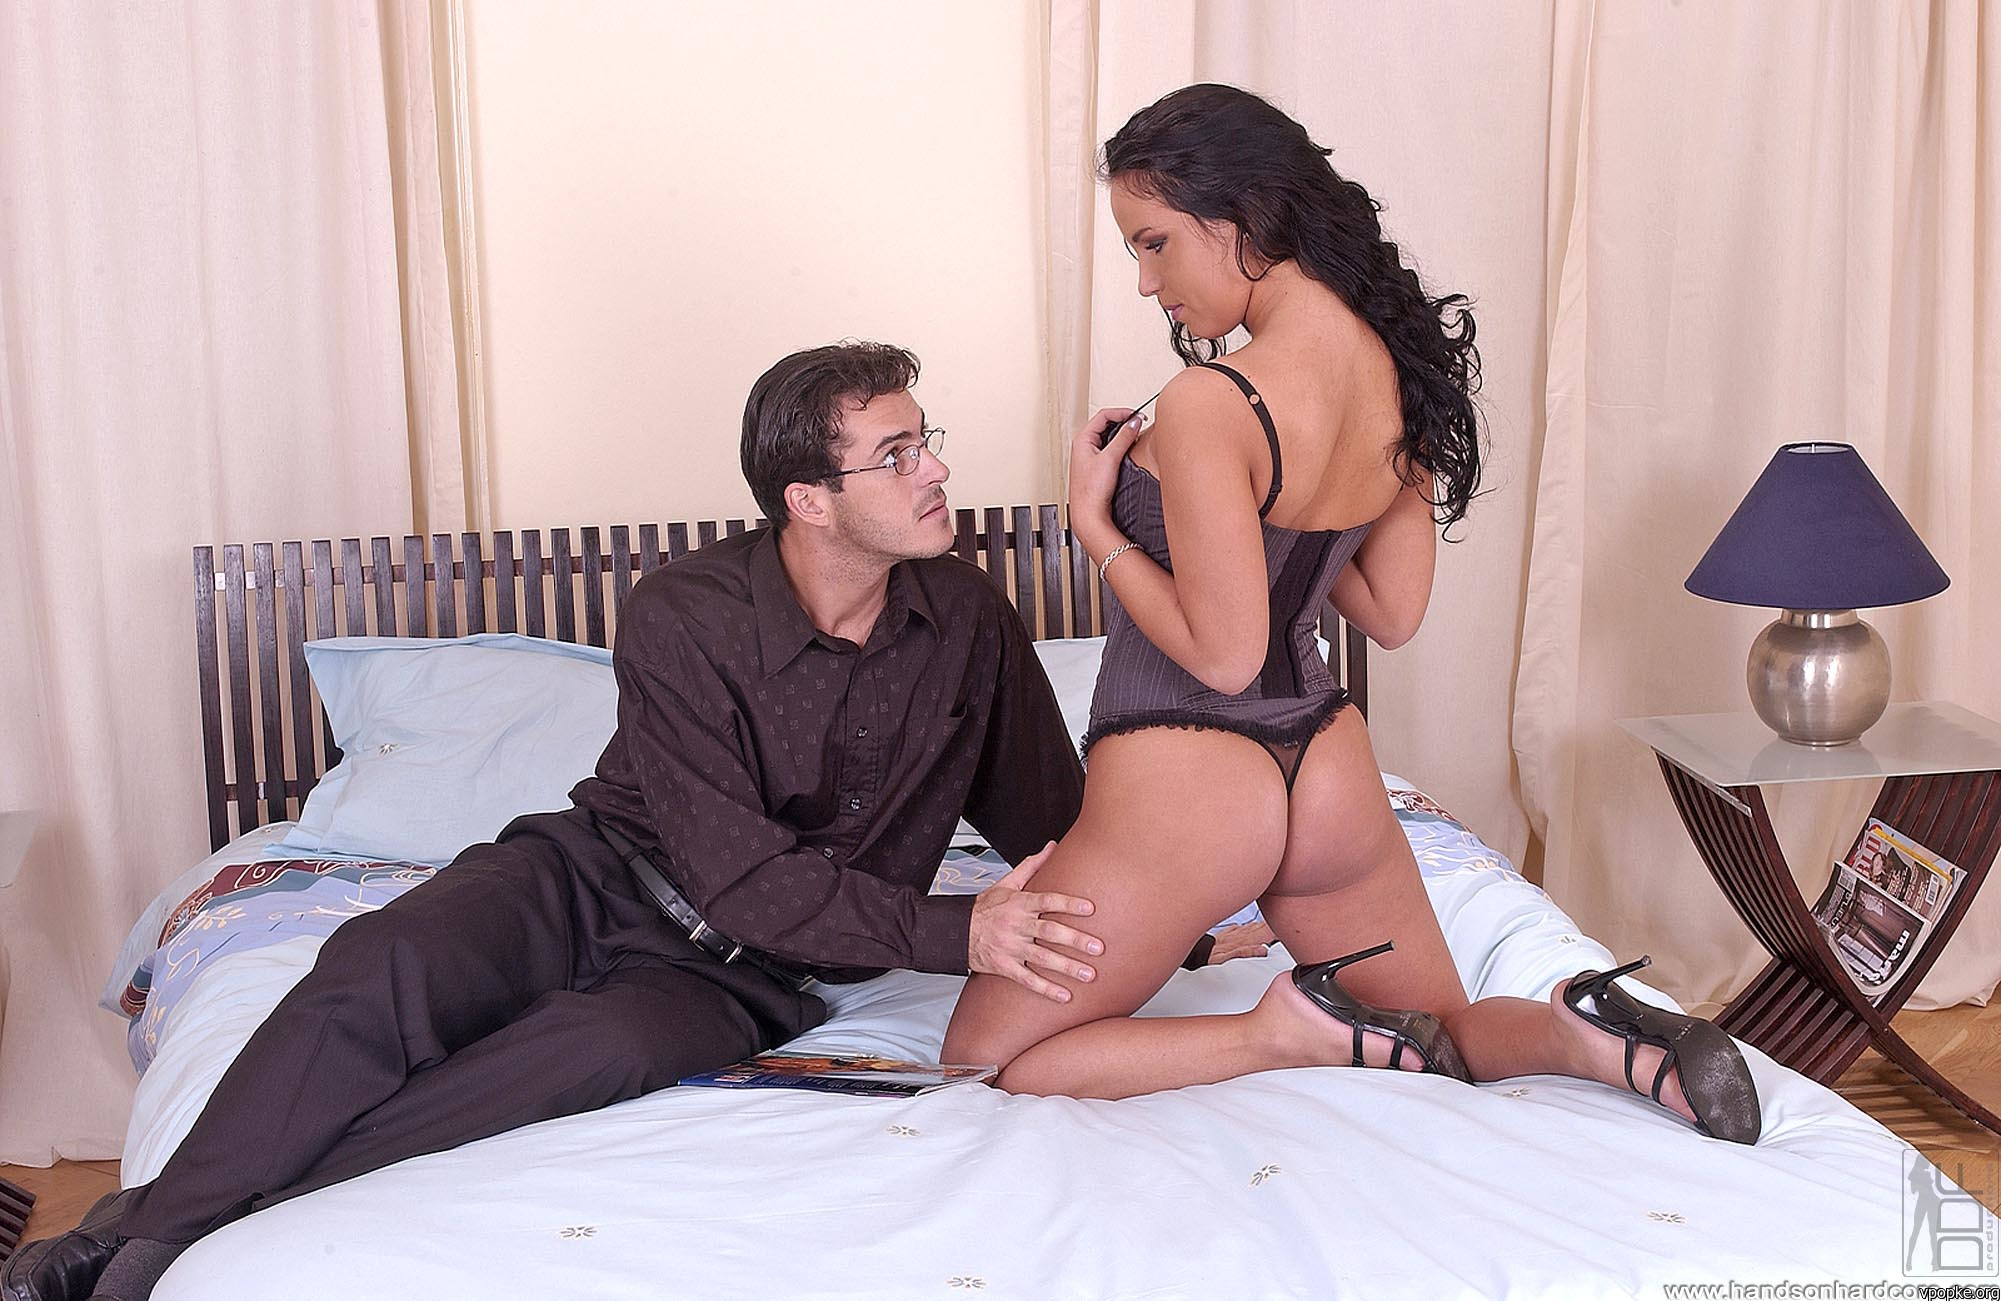 Смотреть секс с лизбианками